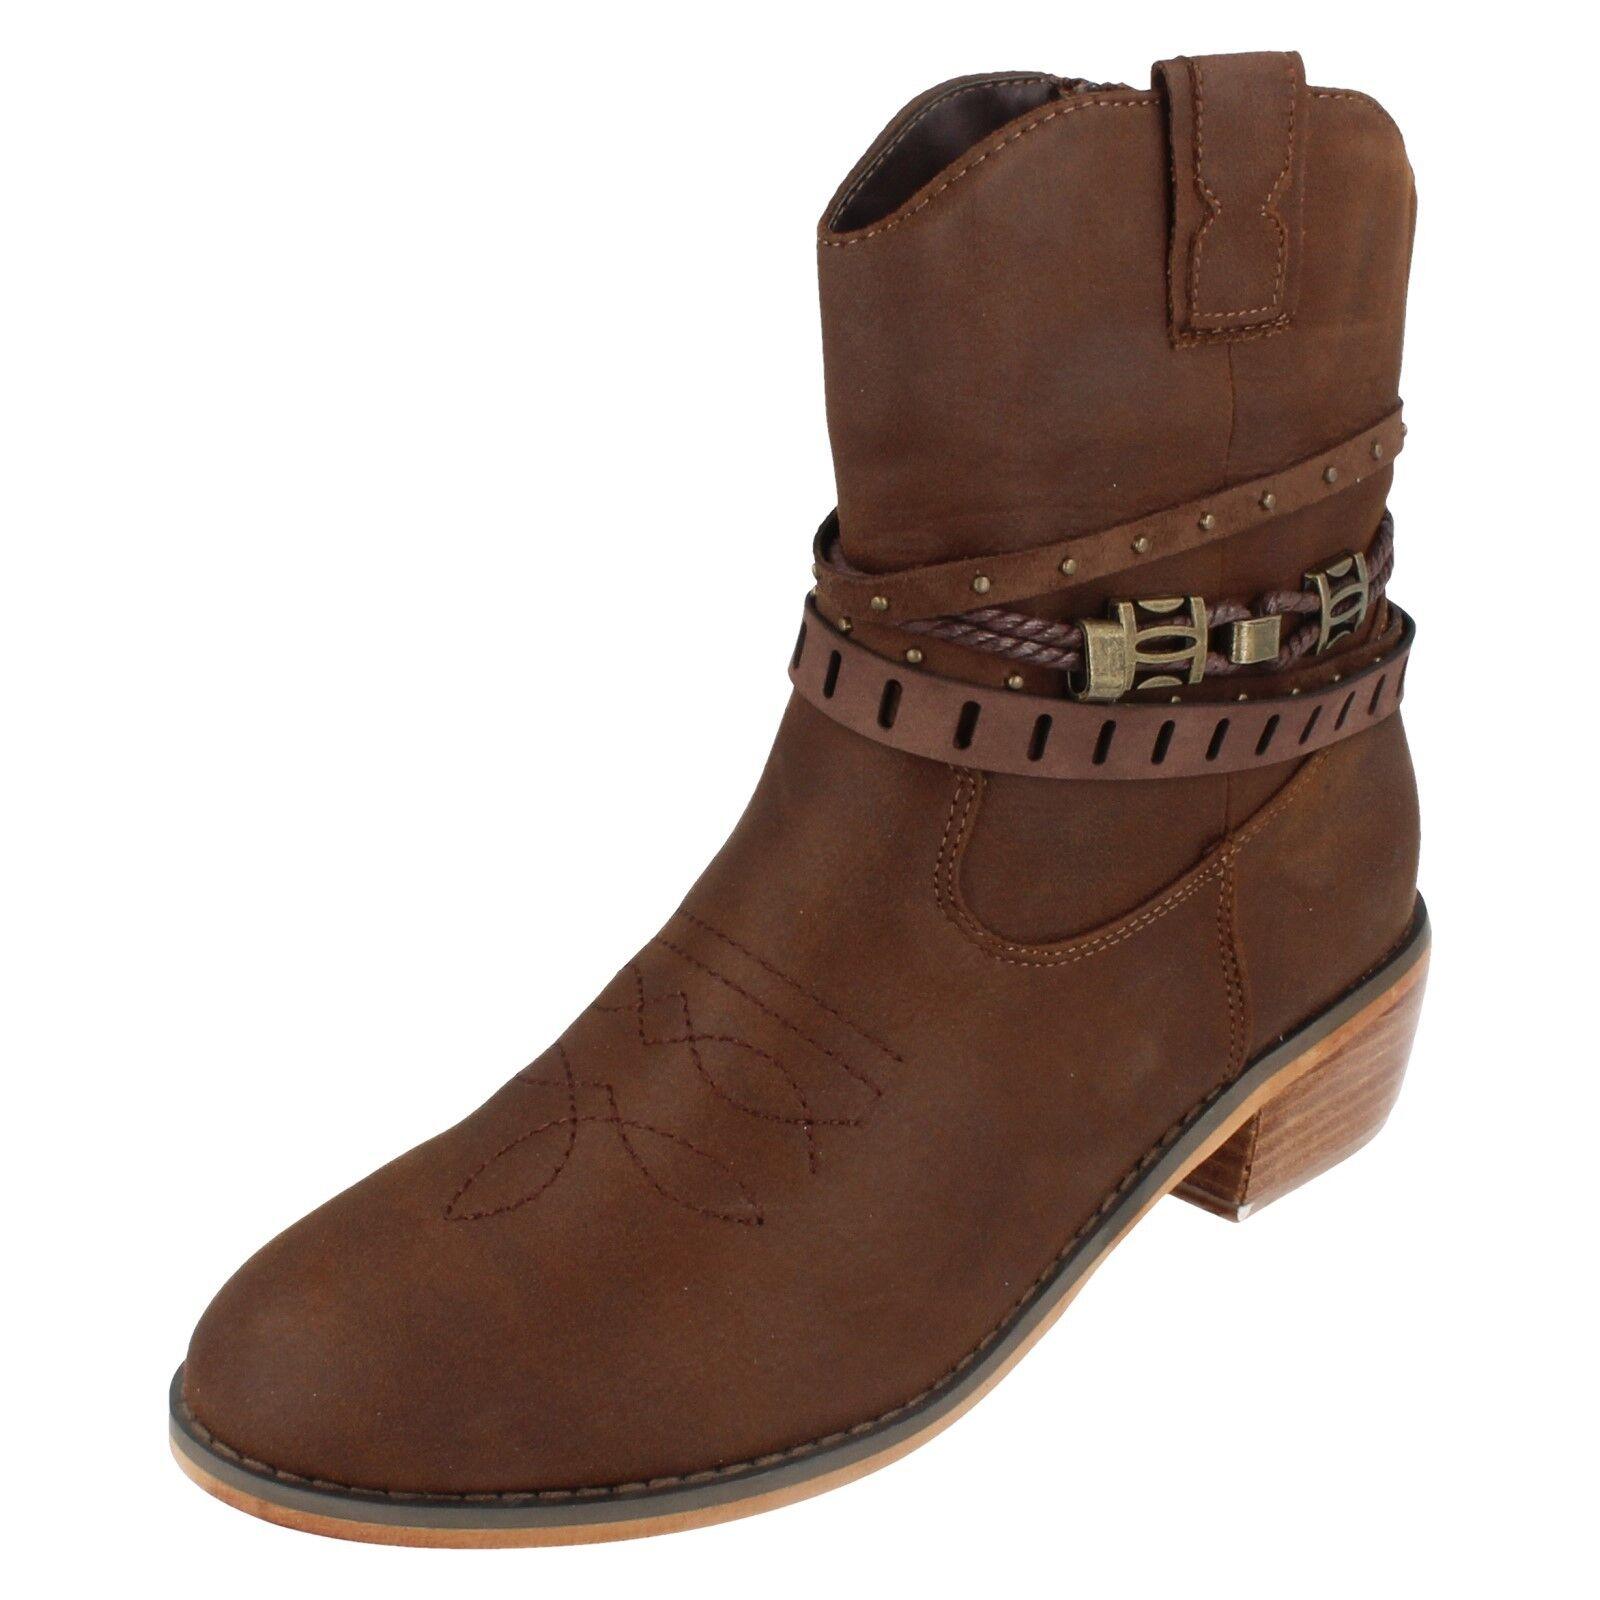 Damen F5R0950 To Cowboy Stil Knöchel Stiefel Down To F5R0950 Earth 44d2cc